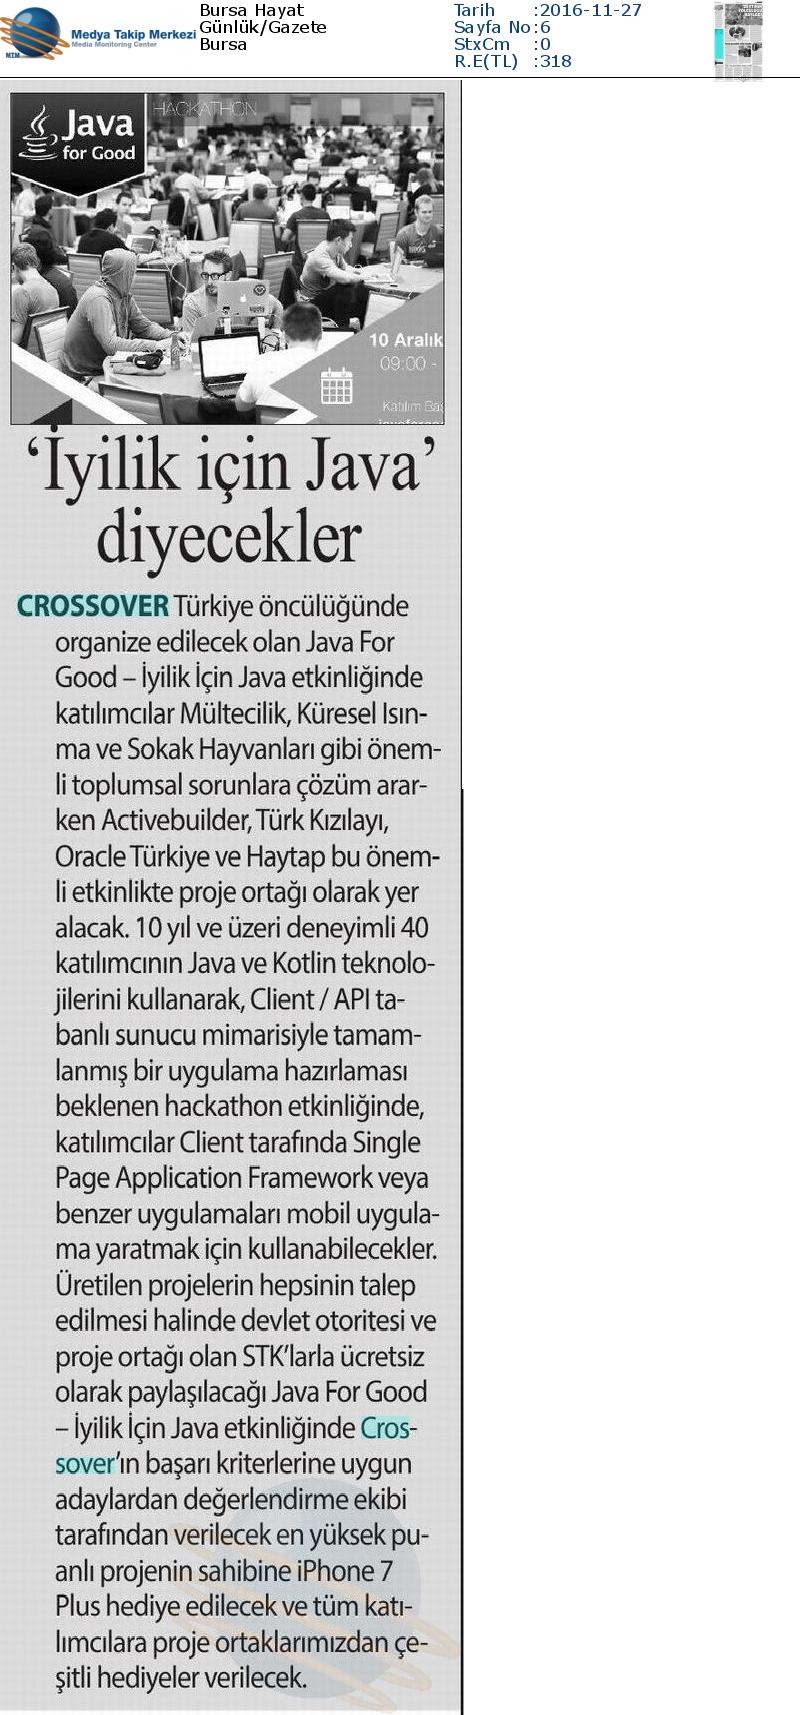 Bursa_Hayat-ÝYÝLÝK_ÝÇÝN_JAVA__DÝYECEKLER-27.11.2016.jpg